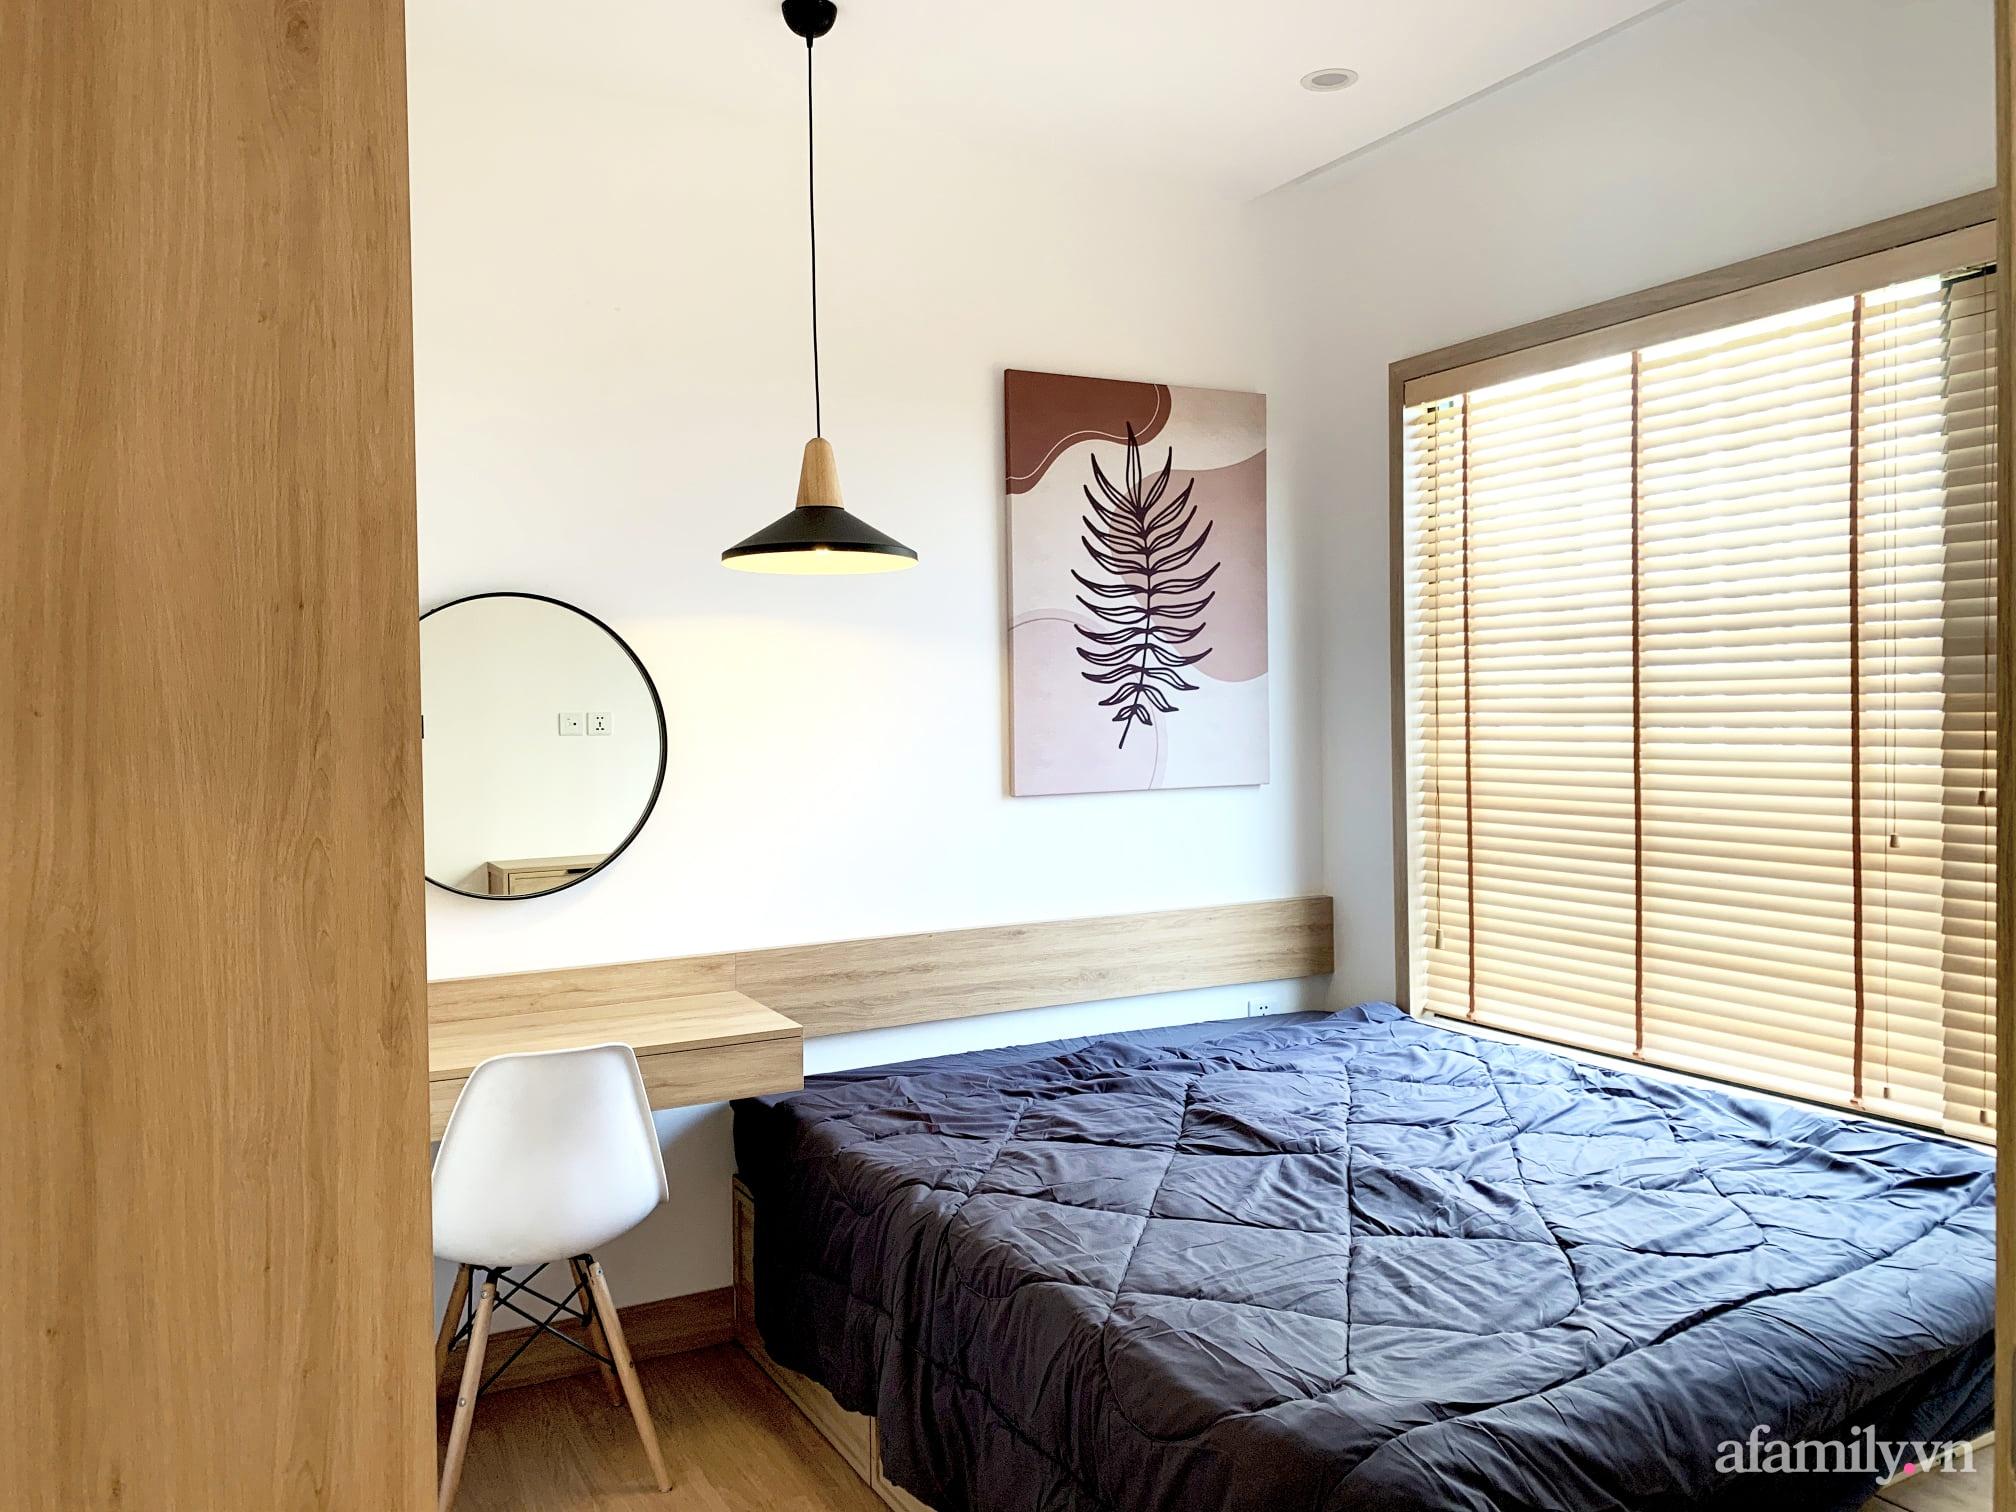 Căn hộ 72m² cực ít đồ đạc vẫn đẹp tinh tế và tiện dụng nhờ thiết kế nội thất thông minh ở Sài Gòn - Ảnh 10.